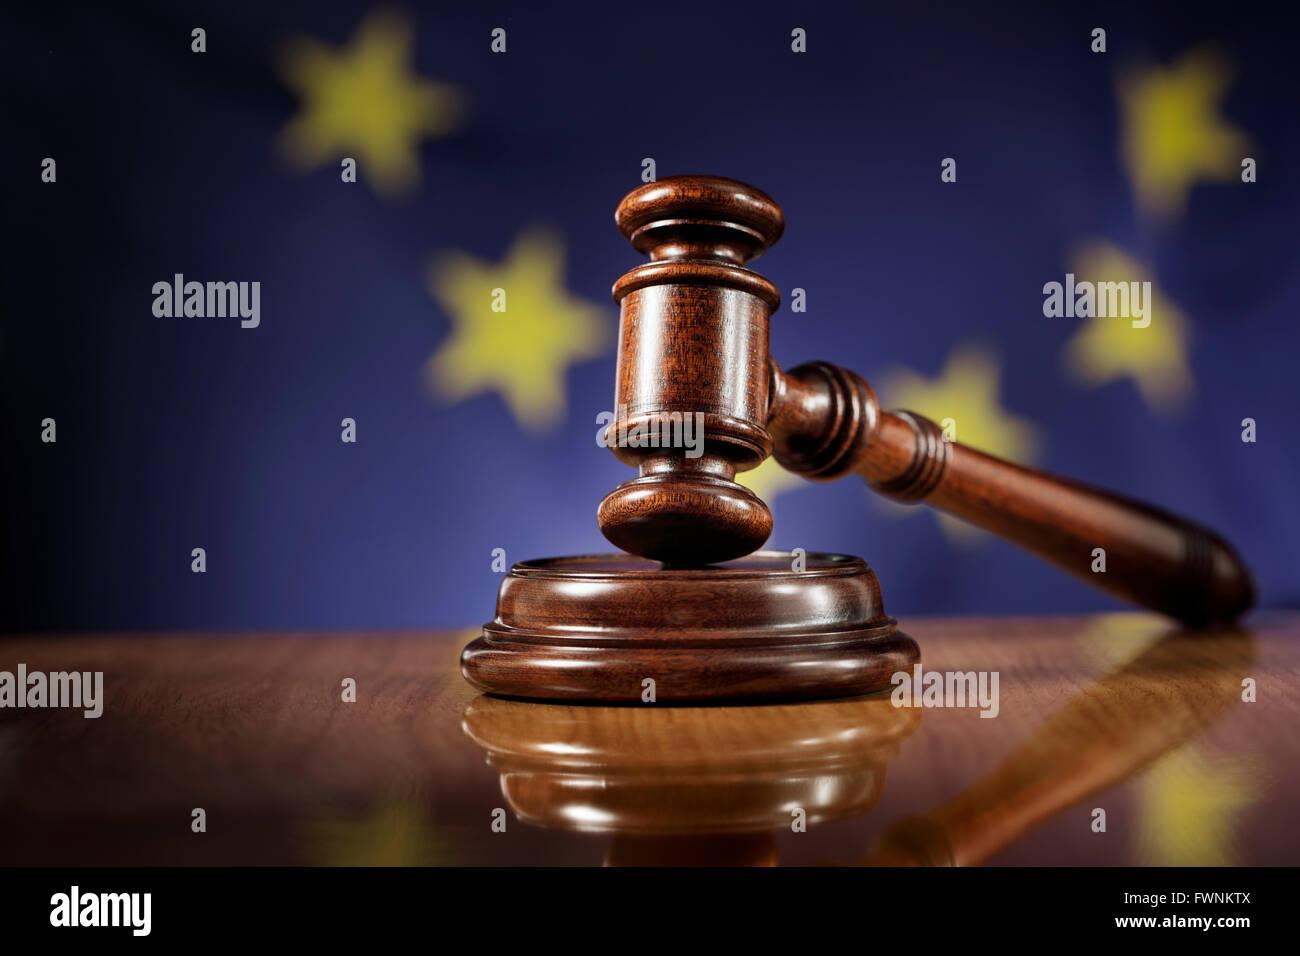 In legno di mogano martello sul lucido tavolo in legno. Bandiera dell'Unione europea, Unione europea, in background. Immagini Stock